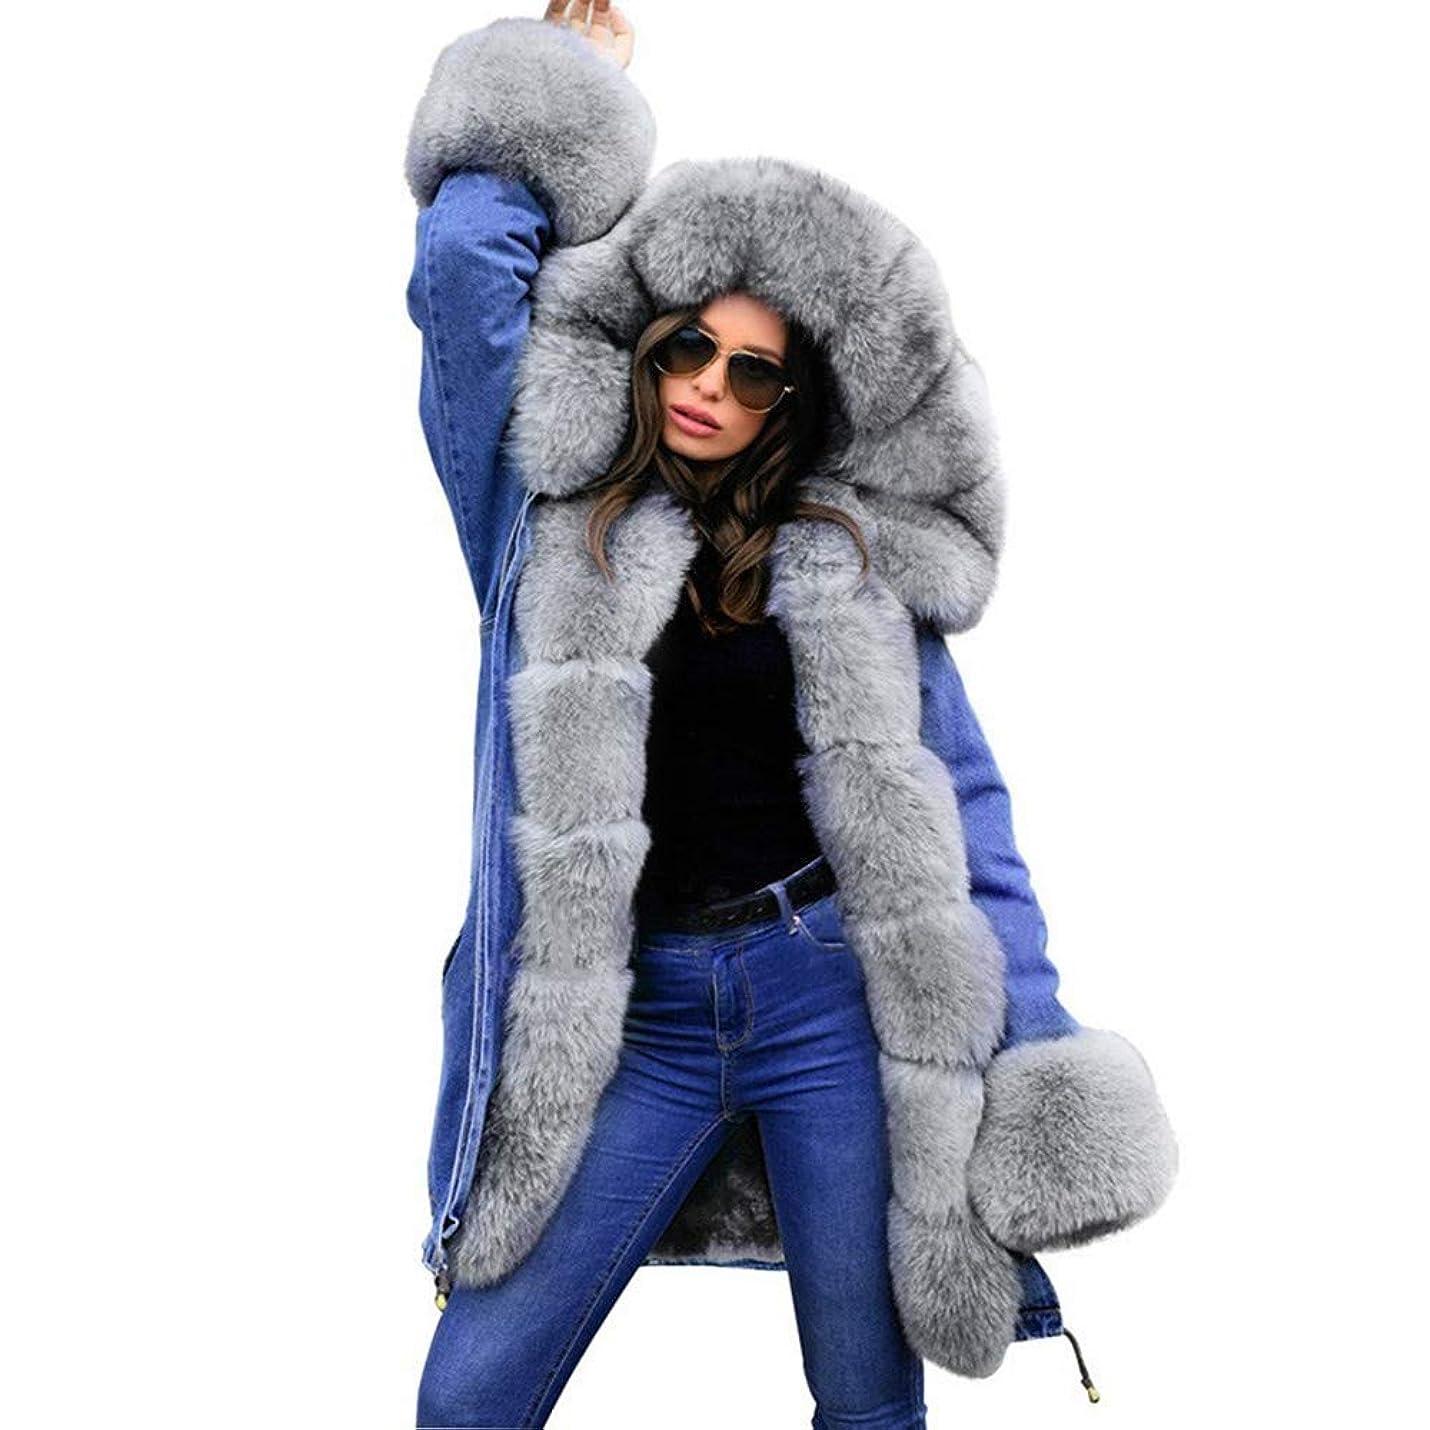 含む電気陽性エジプト冬の女性のフード付きコートの毛皮の襟暖かいロングコートの女性の冬のジャケット女性のアウター,XL